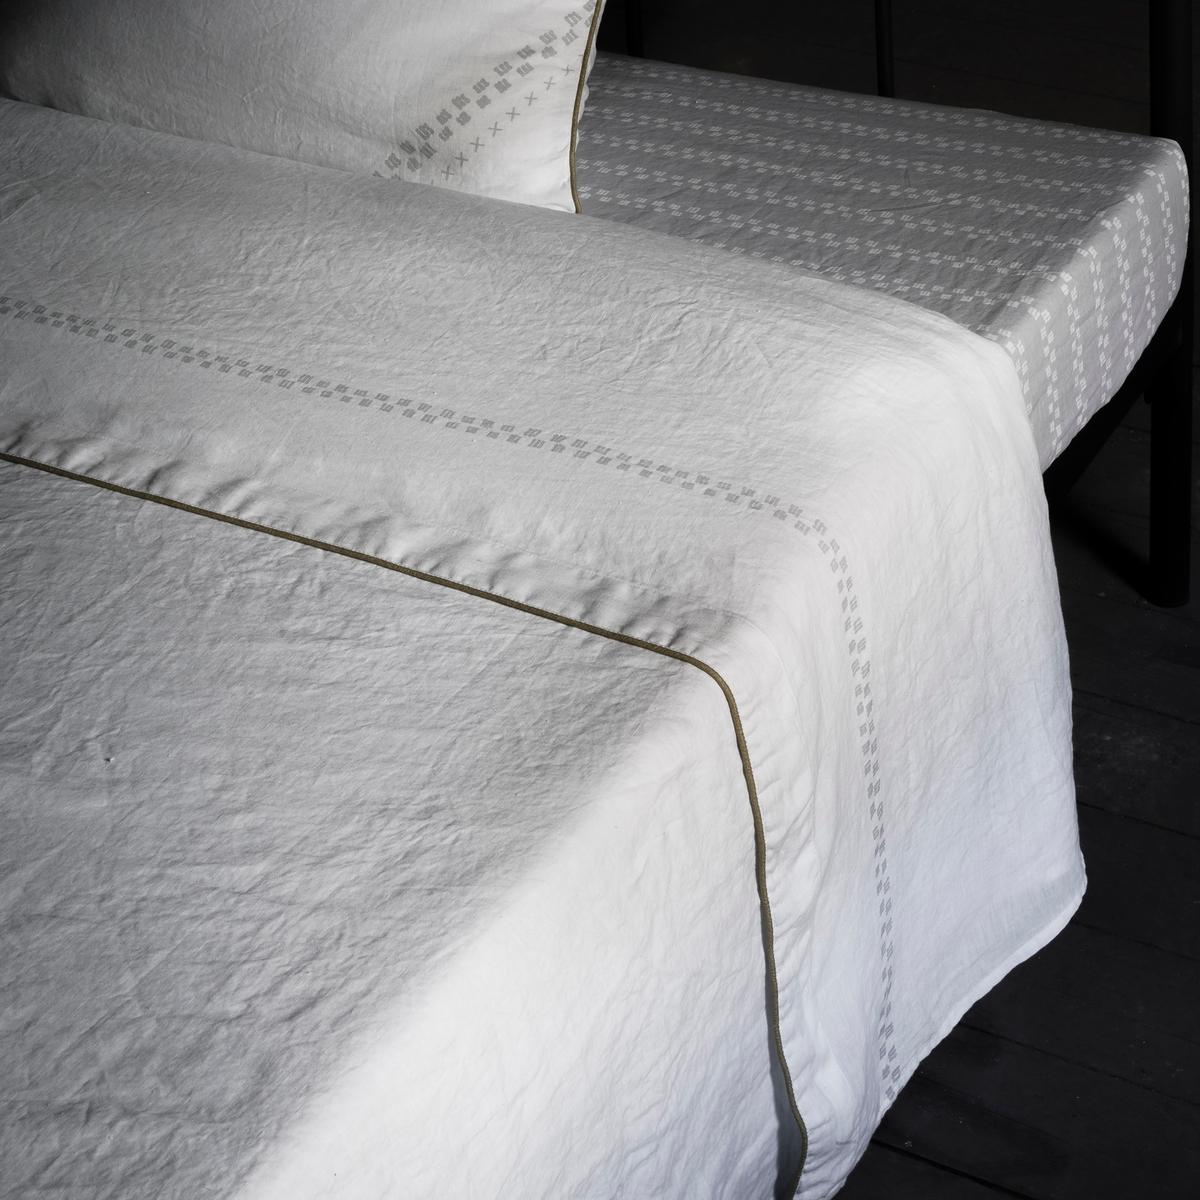 Простыня льнянаяСовременный дизайн красивого постельного белья, которое сохранило изысканность старины! Данная модель - обновлённая простыня.Характеристики:- 100% льна с лёгким жатым эффектом. Натуральный материал, элегантный и естественный, мягкий, струящийся, который со временем становится ещё мягче и красивее.- Однотонная белая простыня с красивой светло-серой отделкой.- Отделка золотистым кантом.- Стирка при 60°С.- Не требует глажки.Размеры:- 180  x 290 см: 1-сп.- 240 х 290 см: 2-сп.- 270 x 290 см: 2-сп.Откройте для себя всю лимитированную коллекцию SAM BARON на сайте laredoute.ru.<br><br>Цвет: белый/ светло-серый